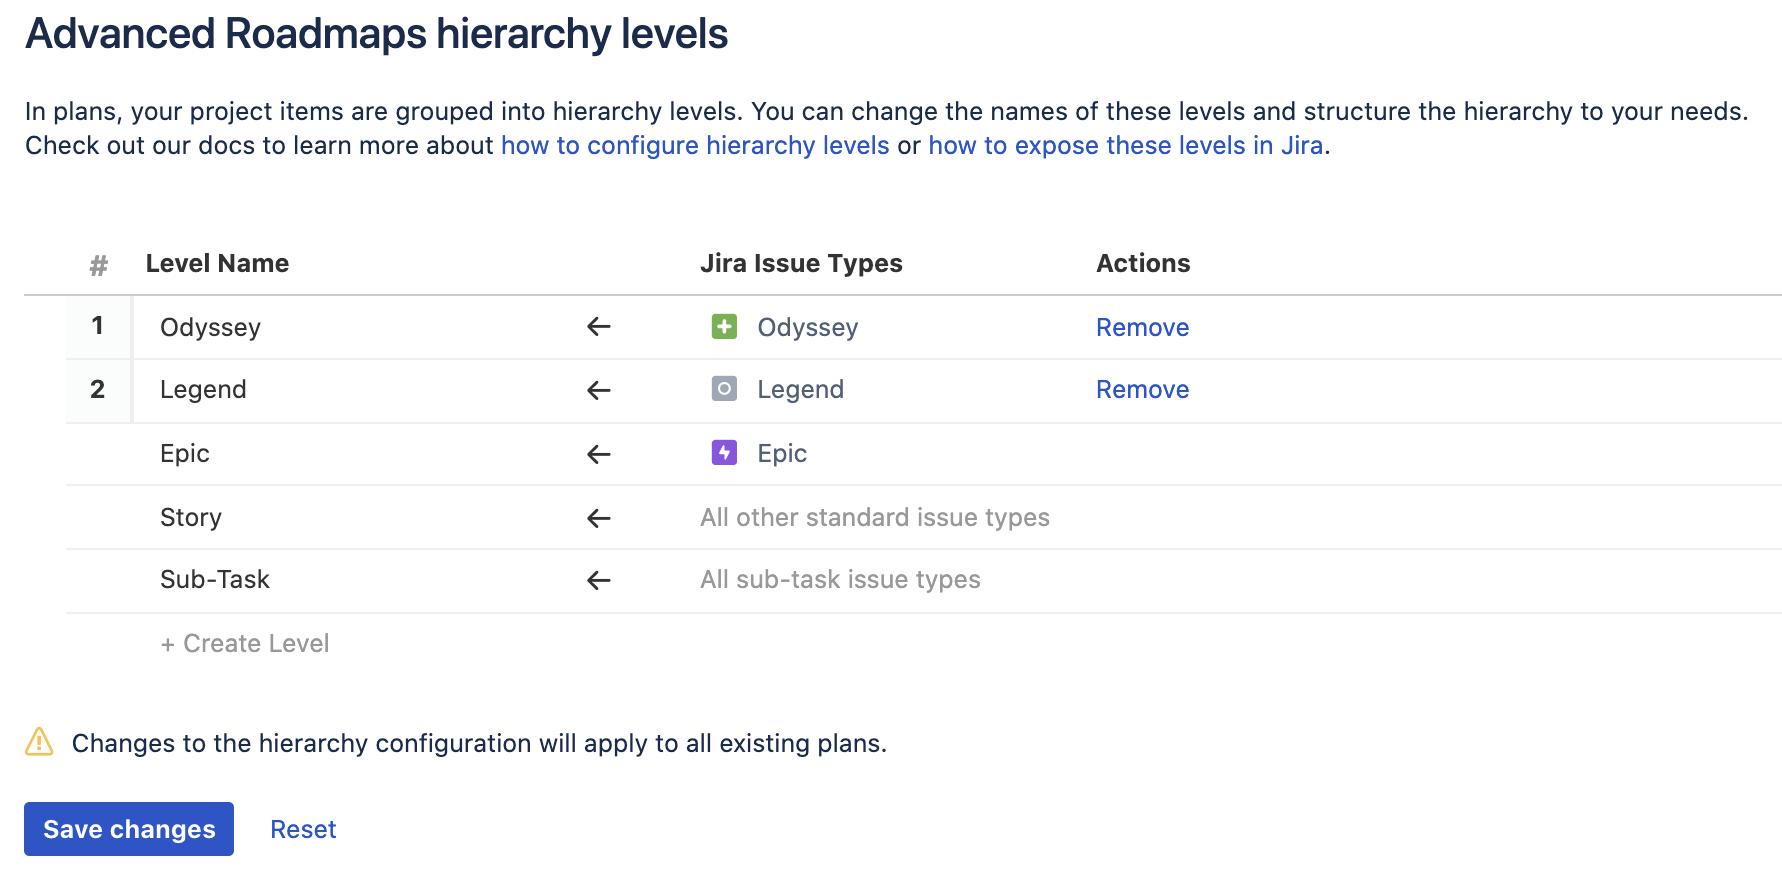 Konfigurowanie poziomów hierarchii w Advanced Roadmaps